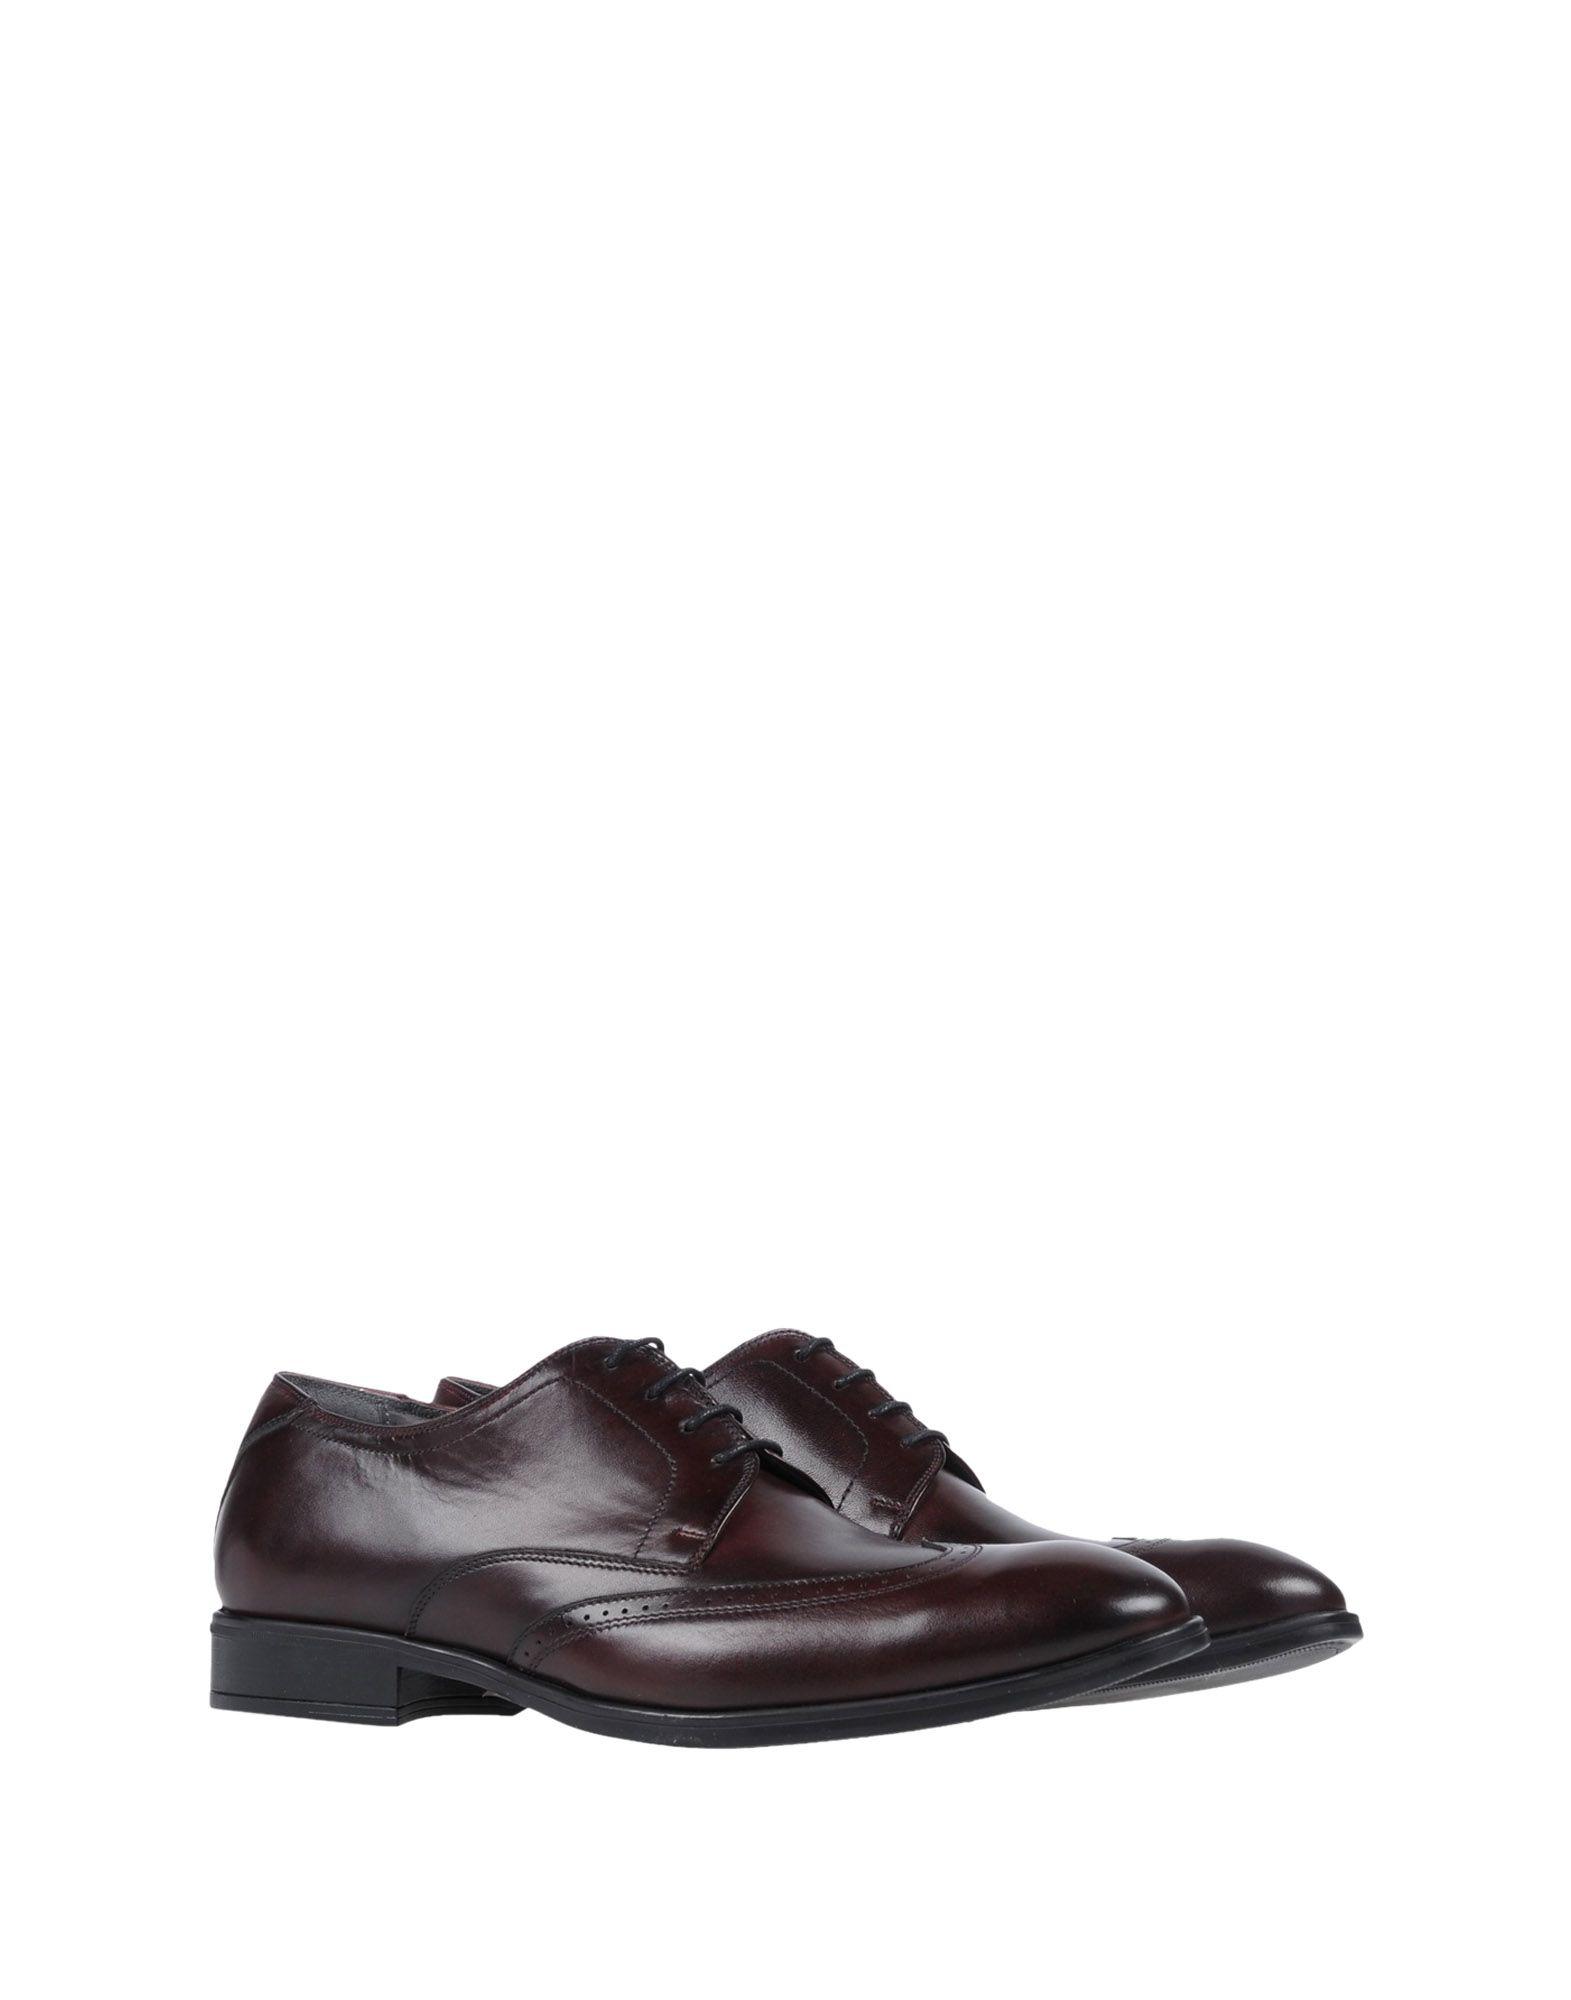 Chaussures - Tribunaux Greymer 97cxX